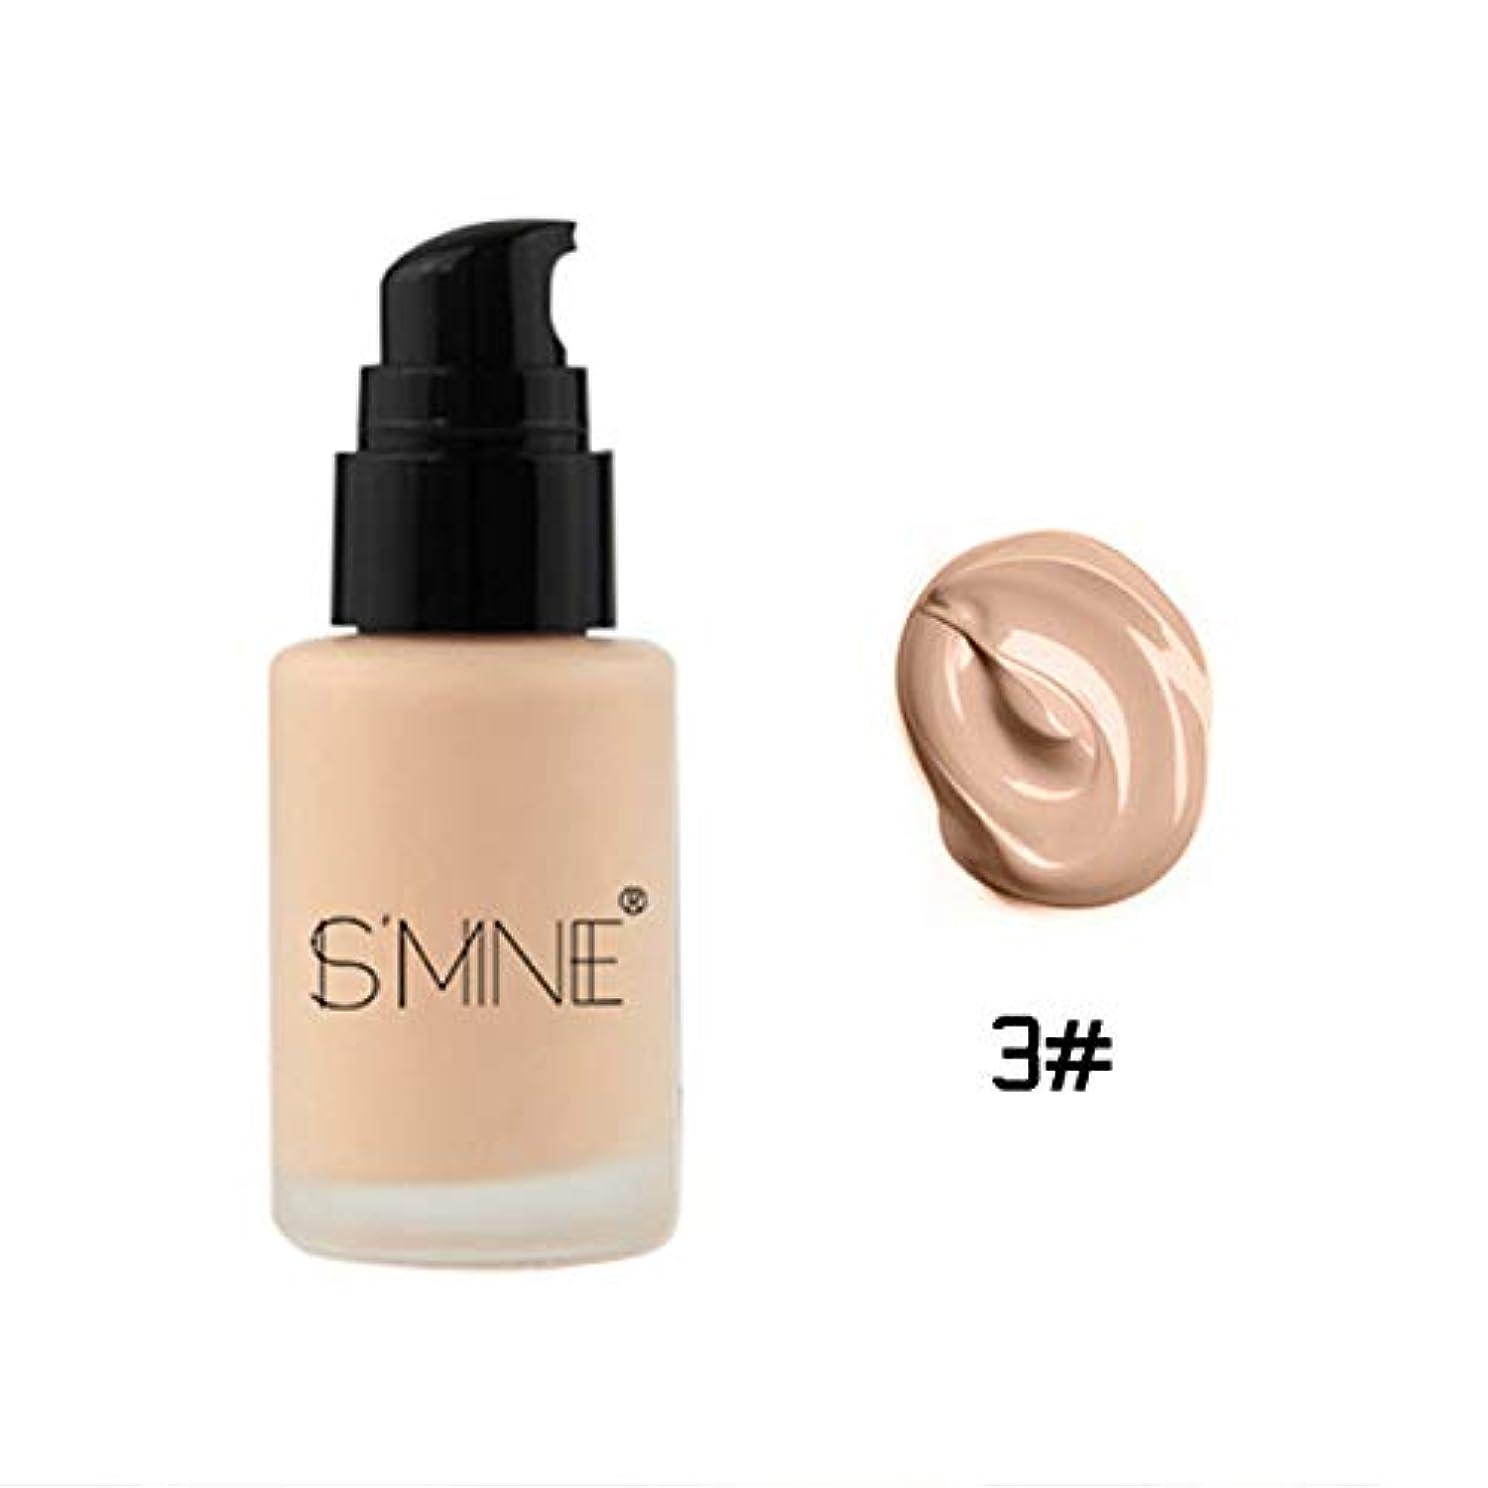 驚いたに付ける口Symboat BBクリーム 女性 フェイスコンシーラー 美白 保湿 防水 ロングラスティングメイクアップ 健康的な自然な肌色 素肌感 化粧品